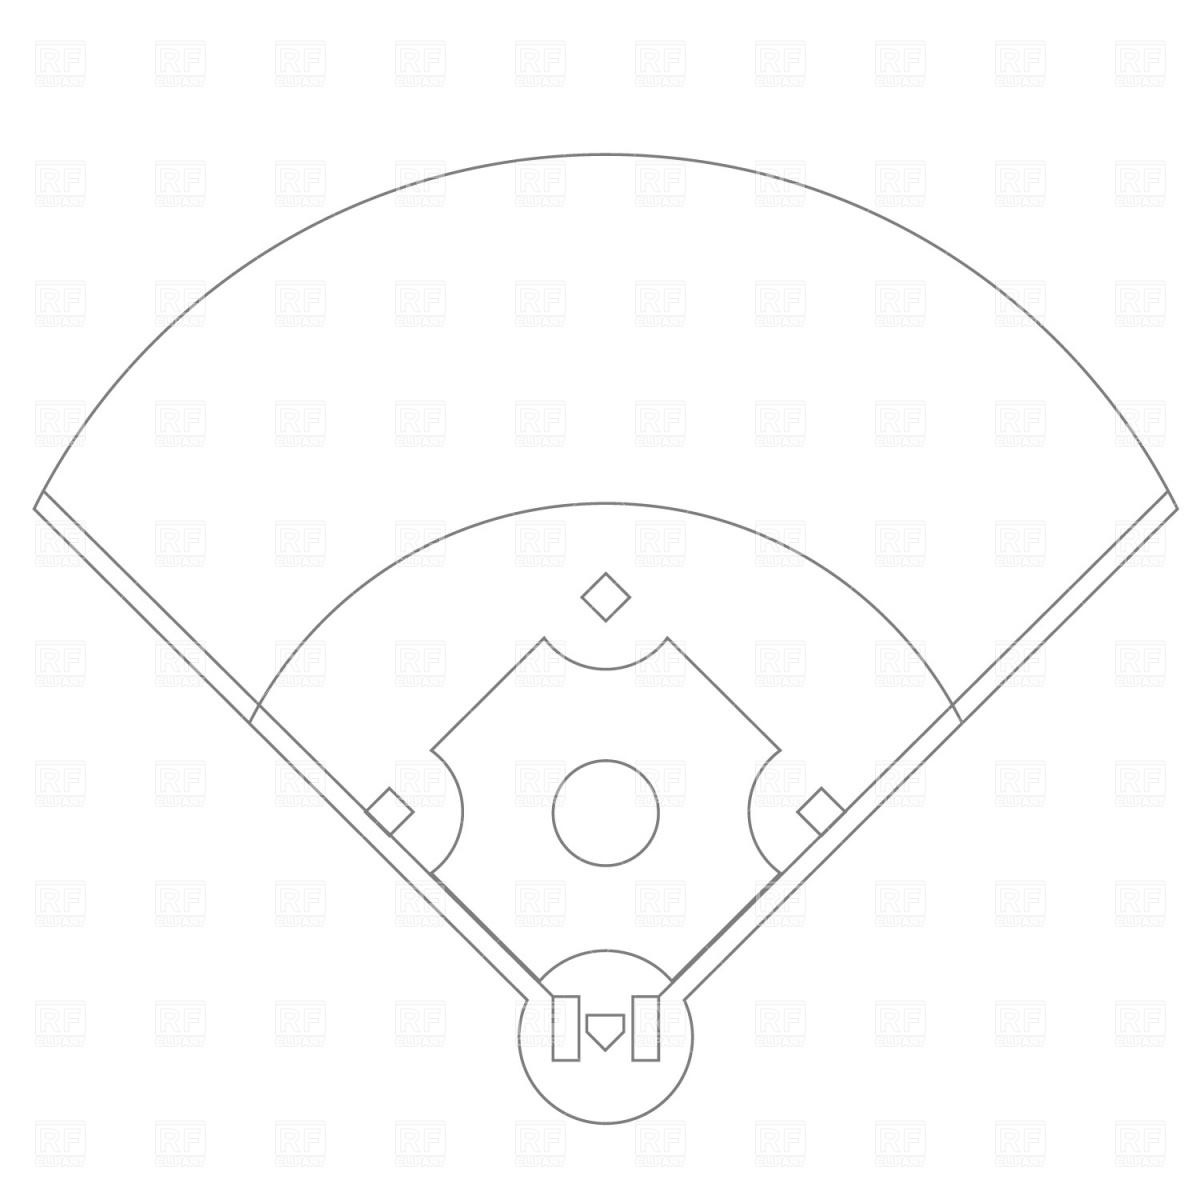 Baseball diamond black white clipart jpg black and white Black and white baseball field free clipart - WikiClipArt jpg black and white